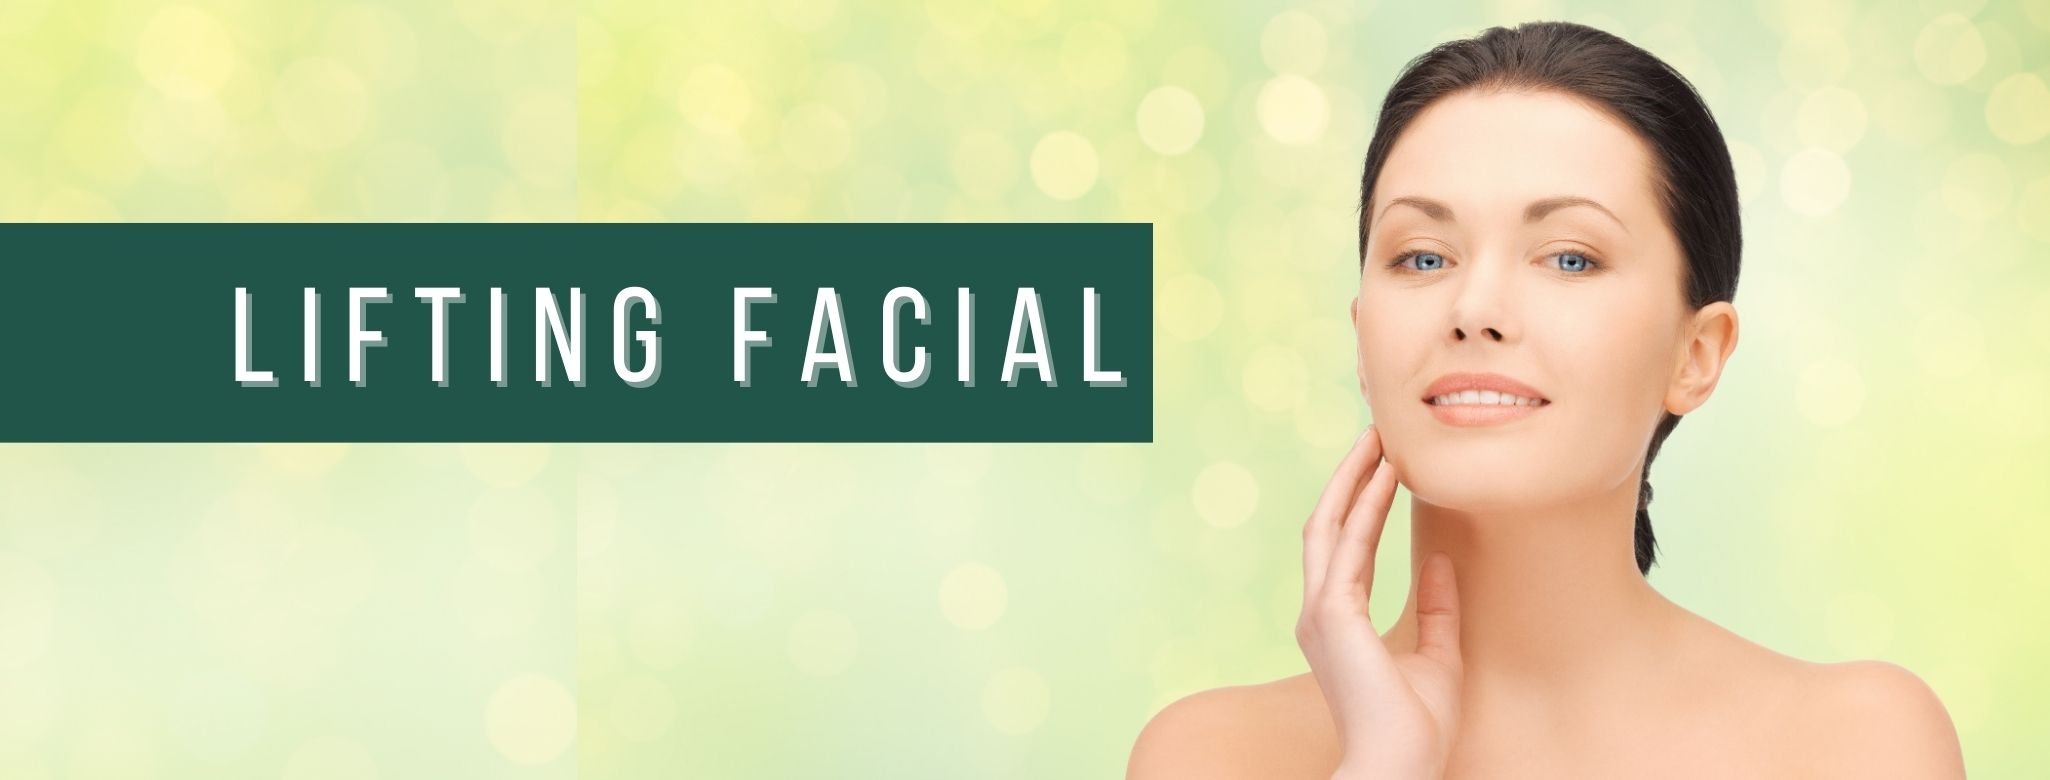 lifting facial